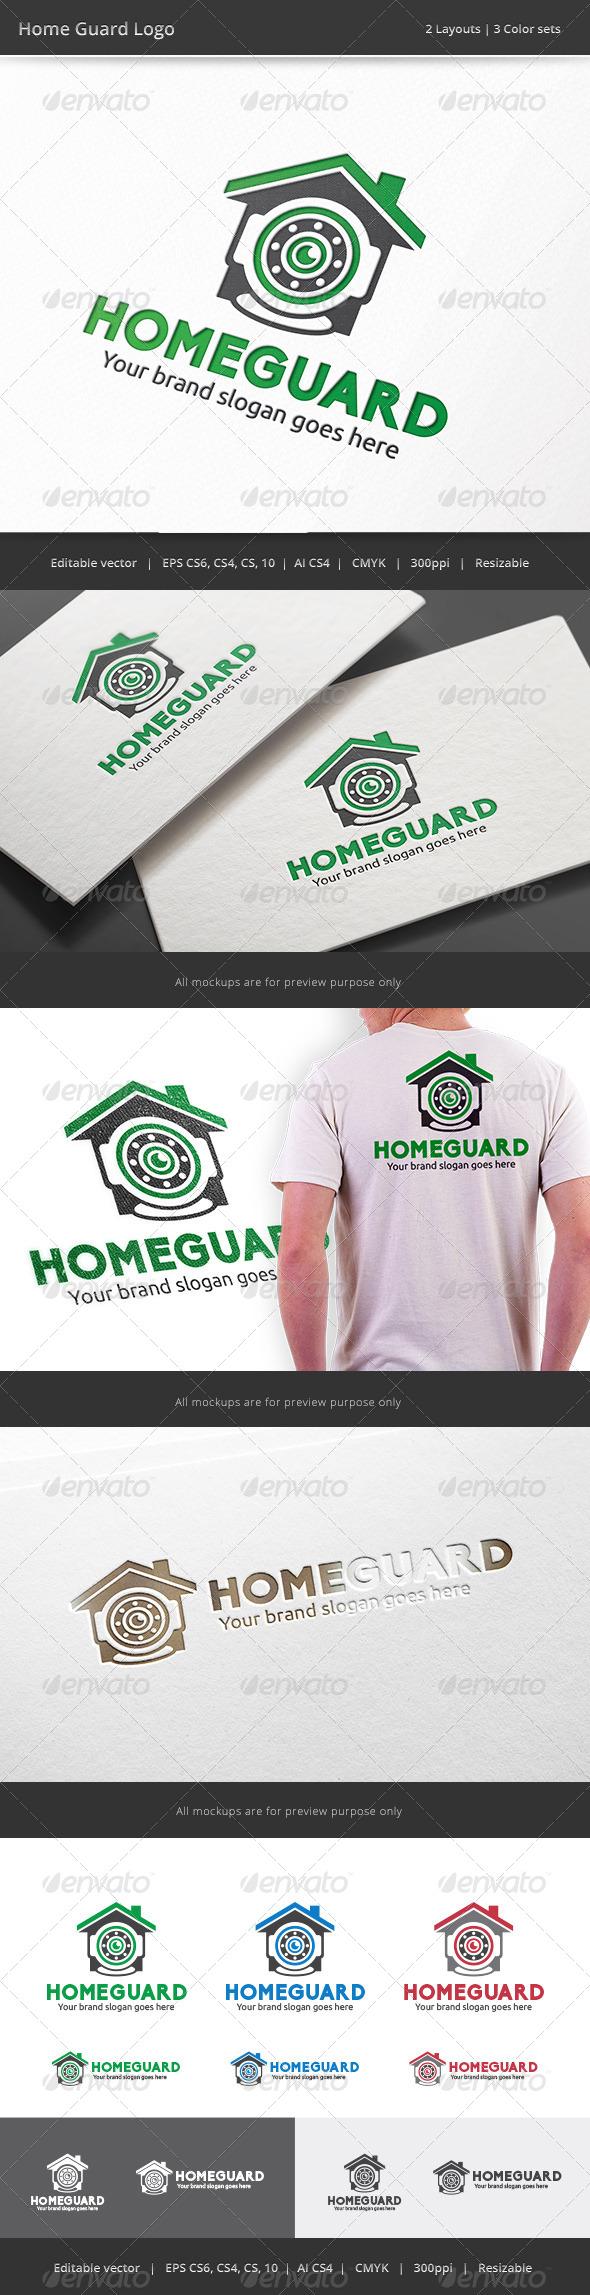 GraphicRiver Home Guard Camera Logo 8085430